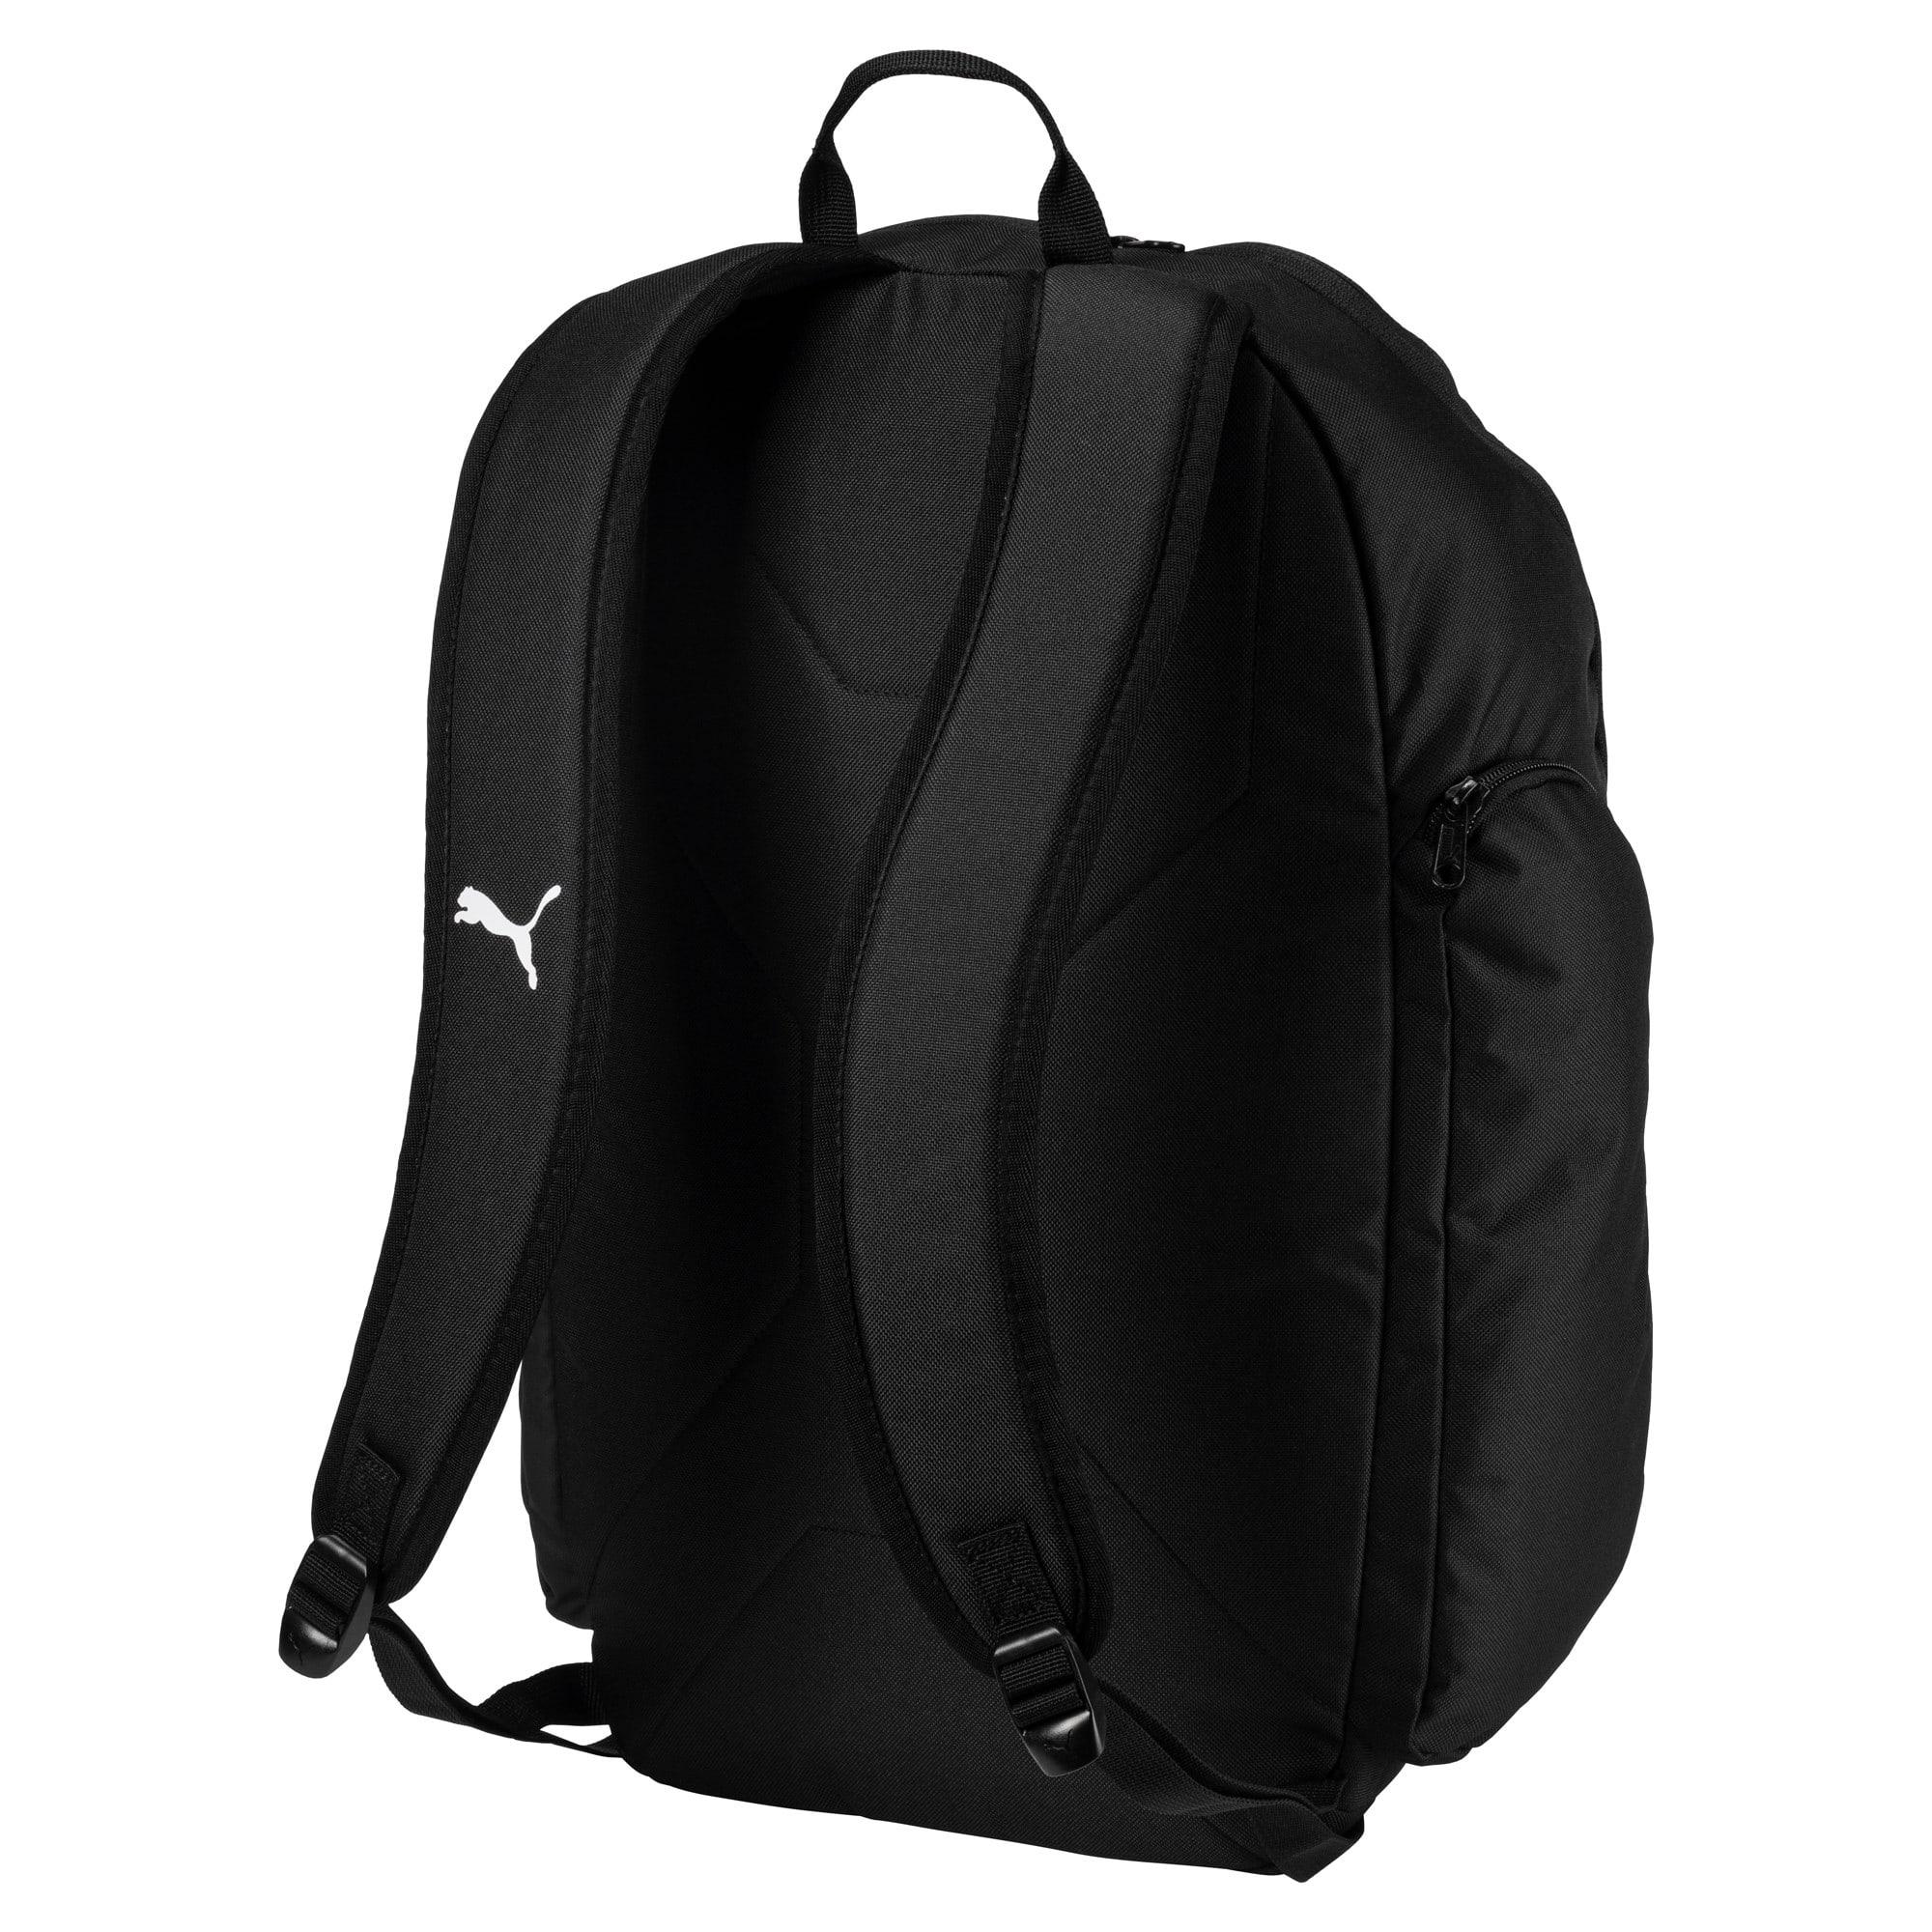 Thumbnail 2 of Liga Backpack, Puma Black, medium